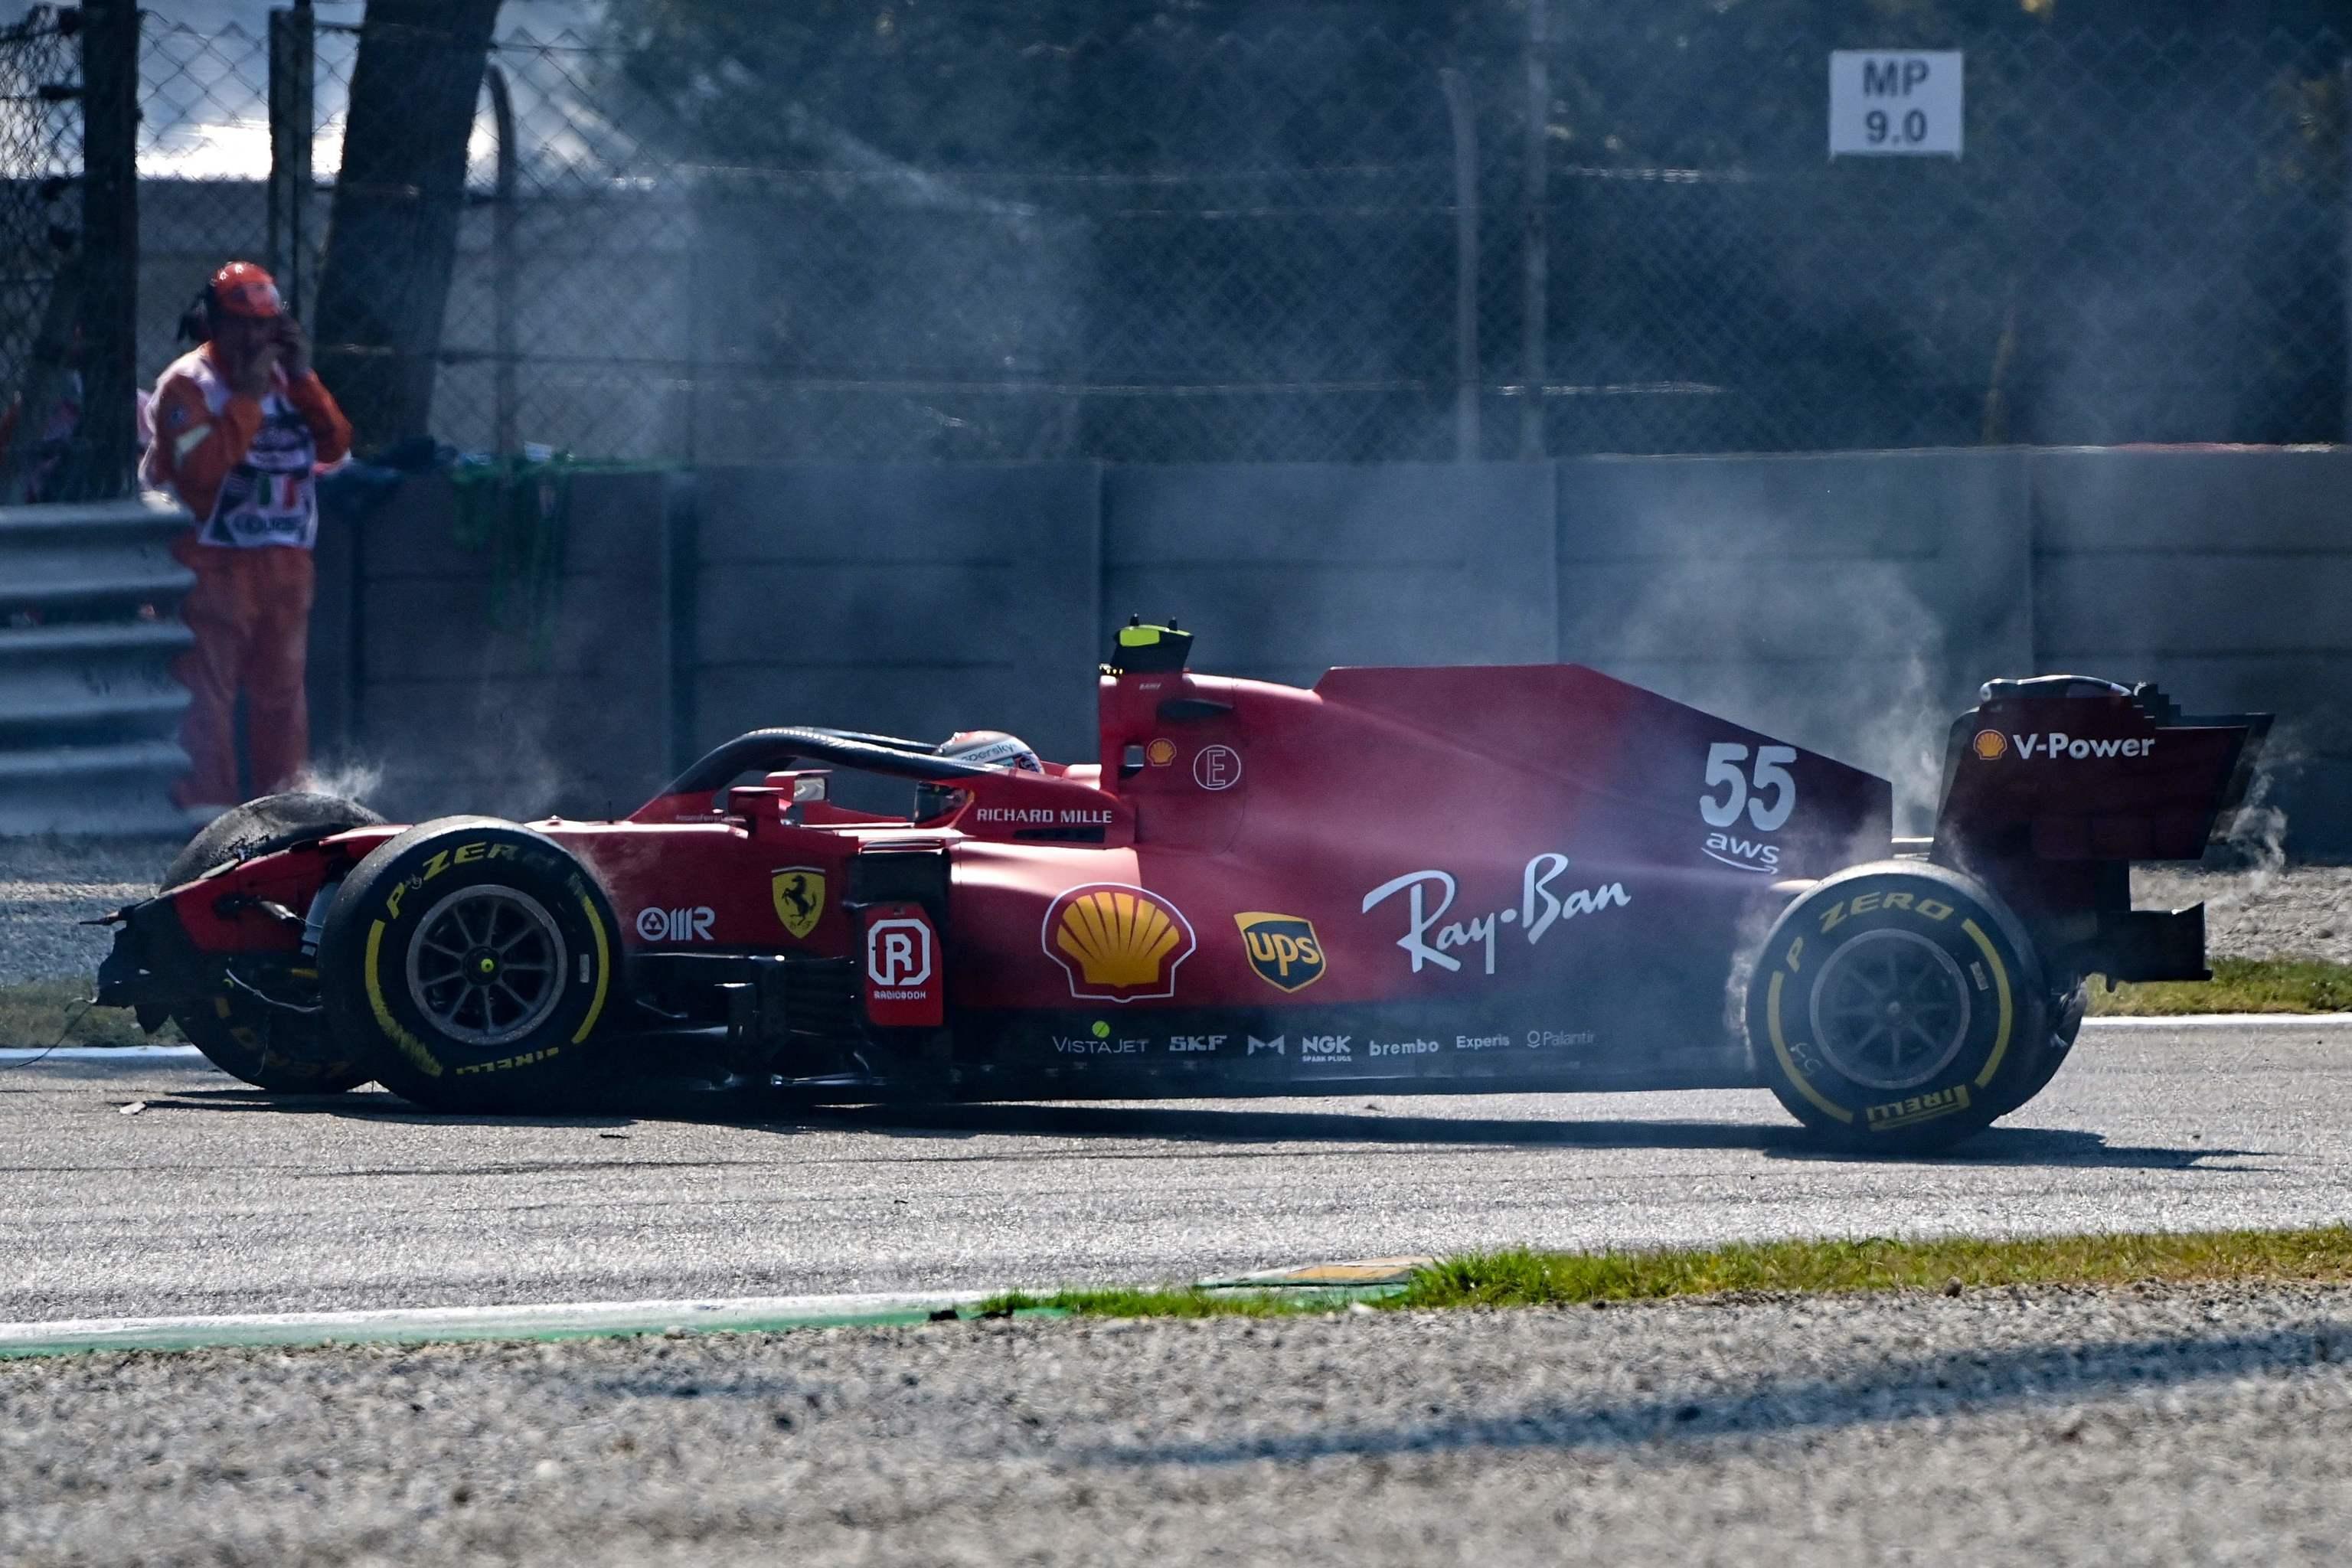 El SF21 de Sainz, tras el accidente del sábado en Monza.